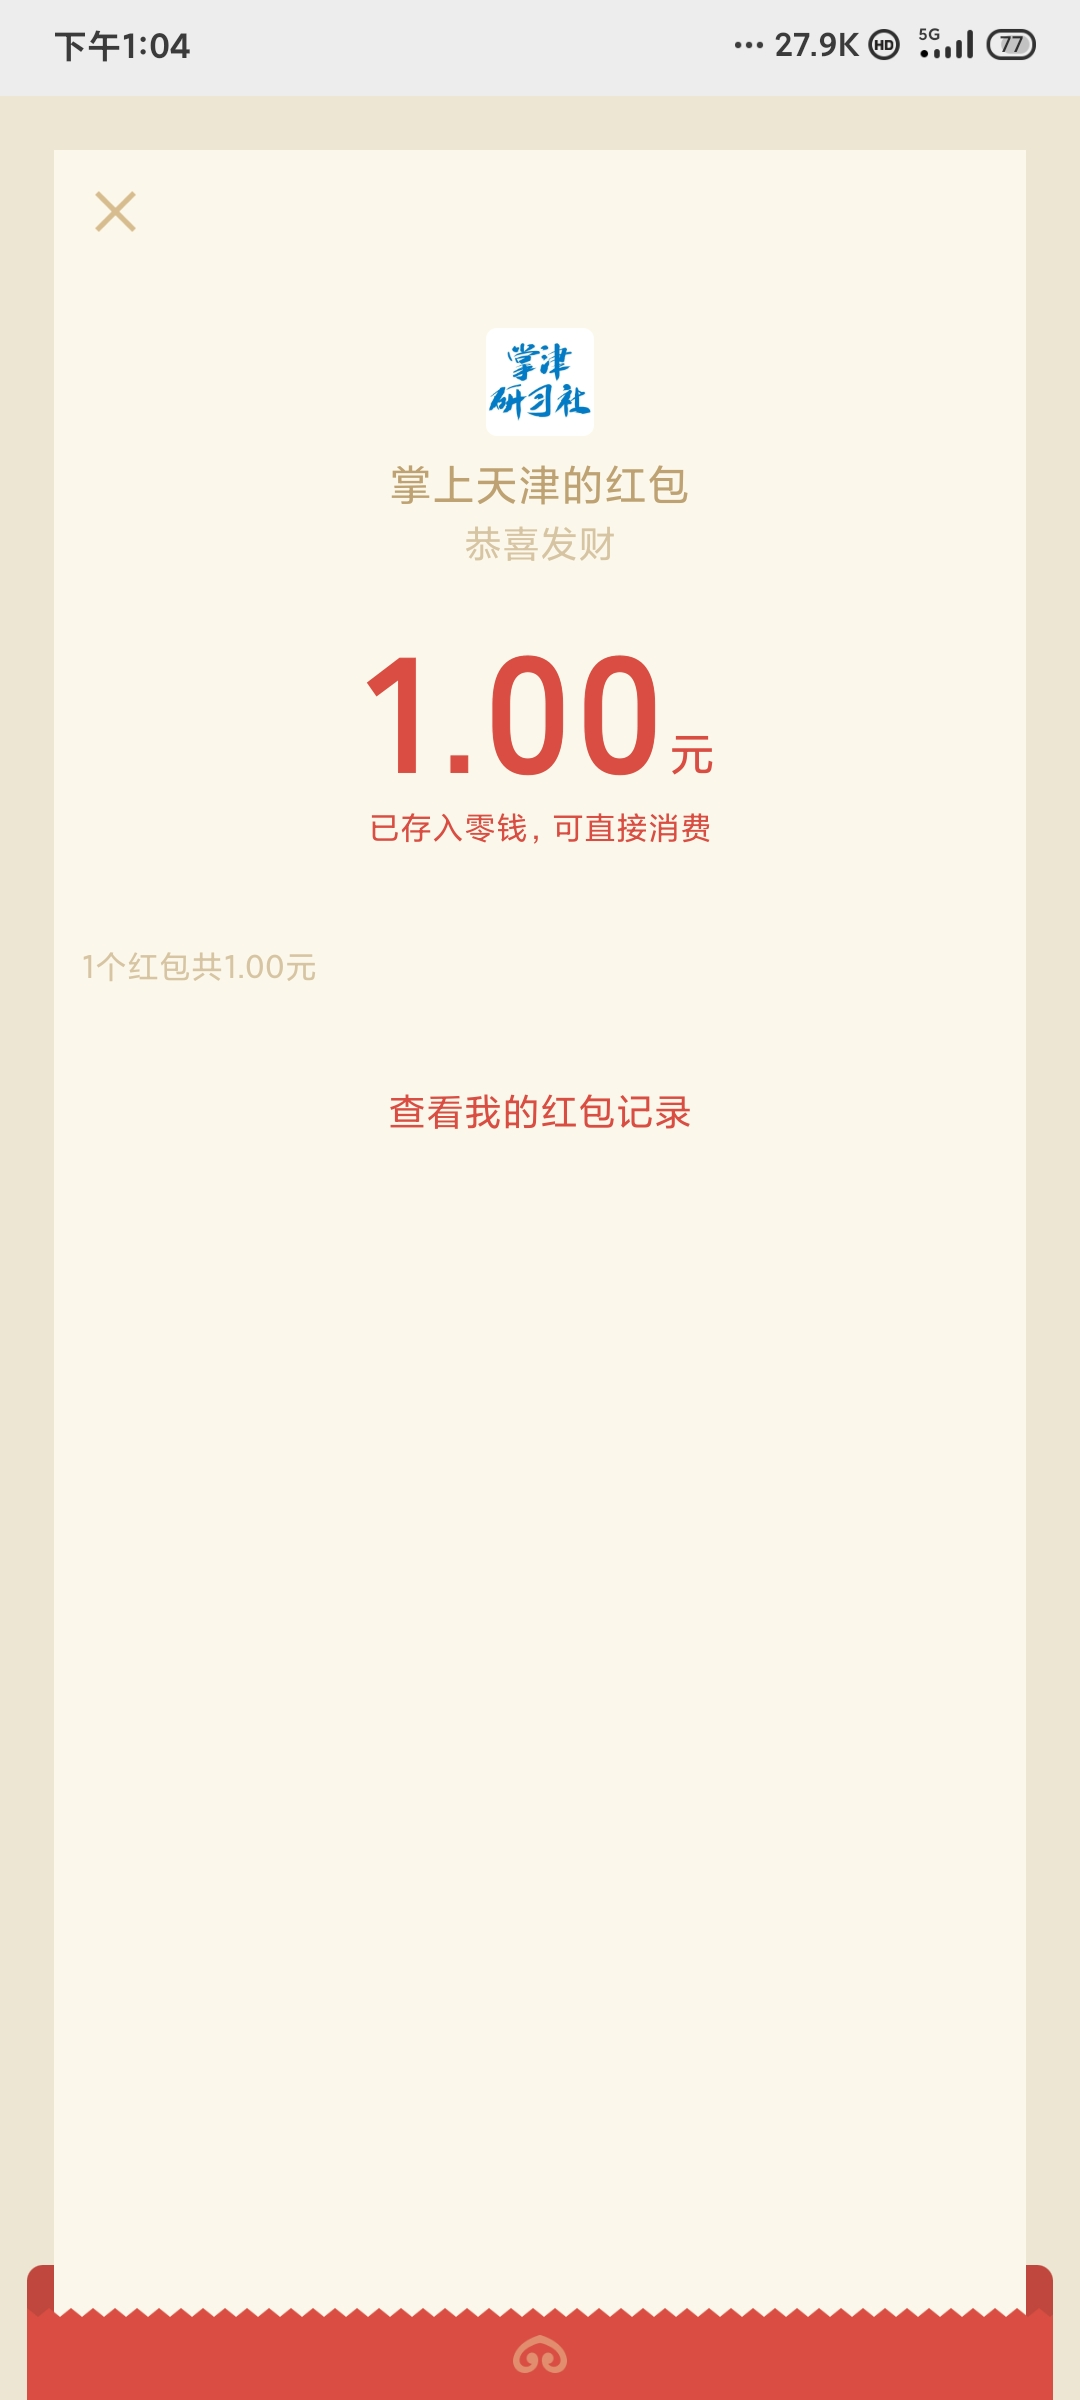 邮储银行天津分行大转盘抽红包插图